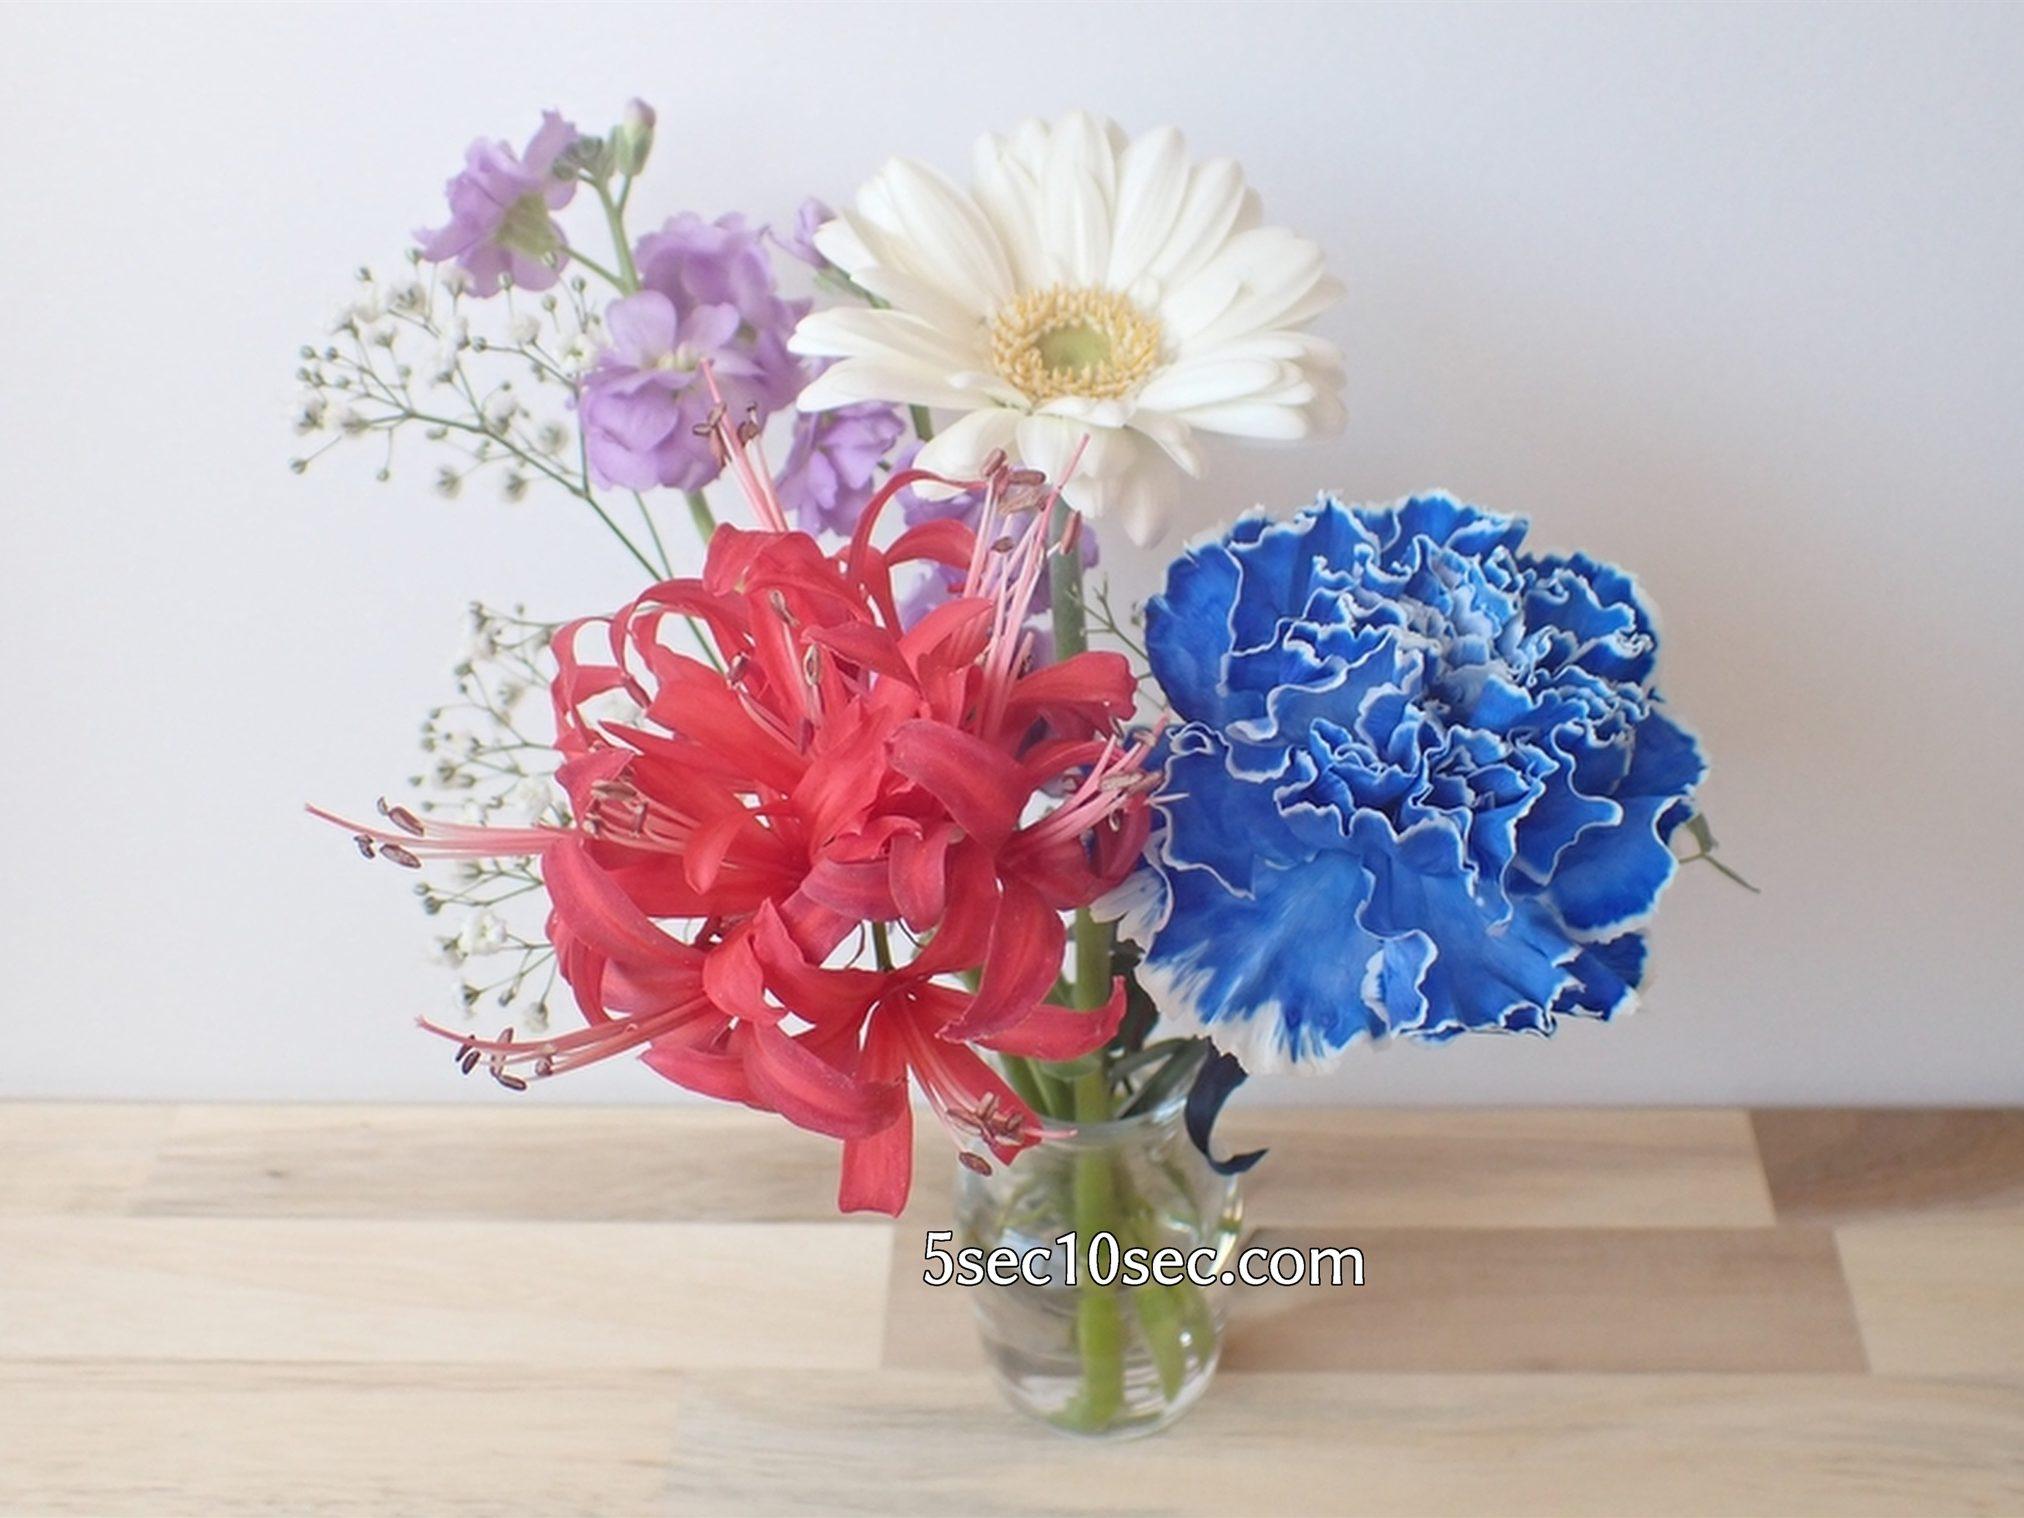 株式会社Crunch Style お花の定期便 Bloomee LIFE ブルーミーライフ 800円のレギュラープラン 水換えの頻度は1週間に一度くらいでも大丈夫です